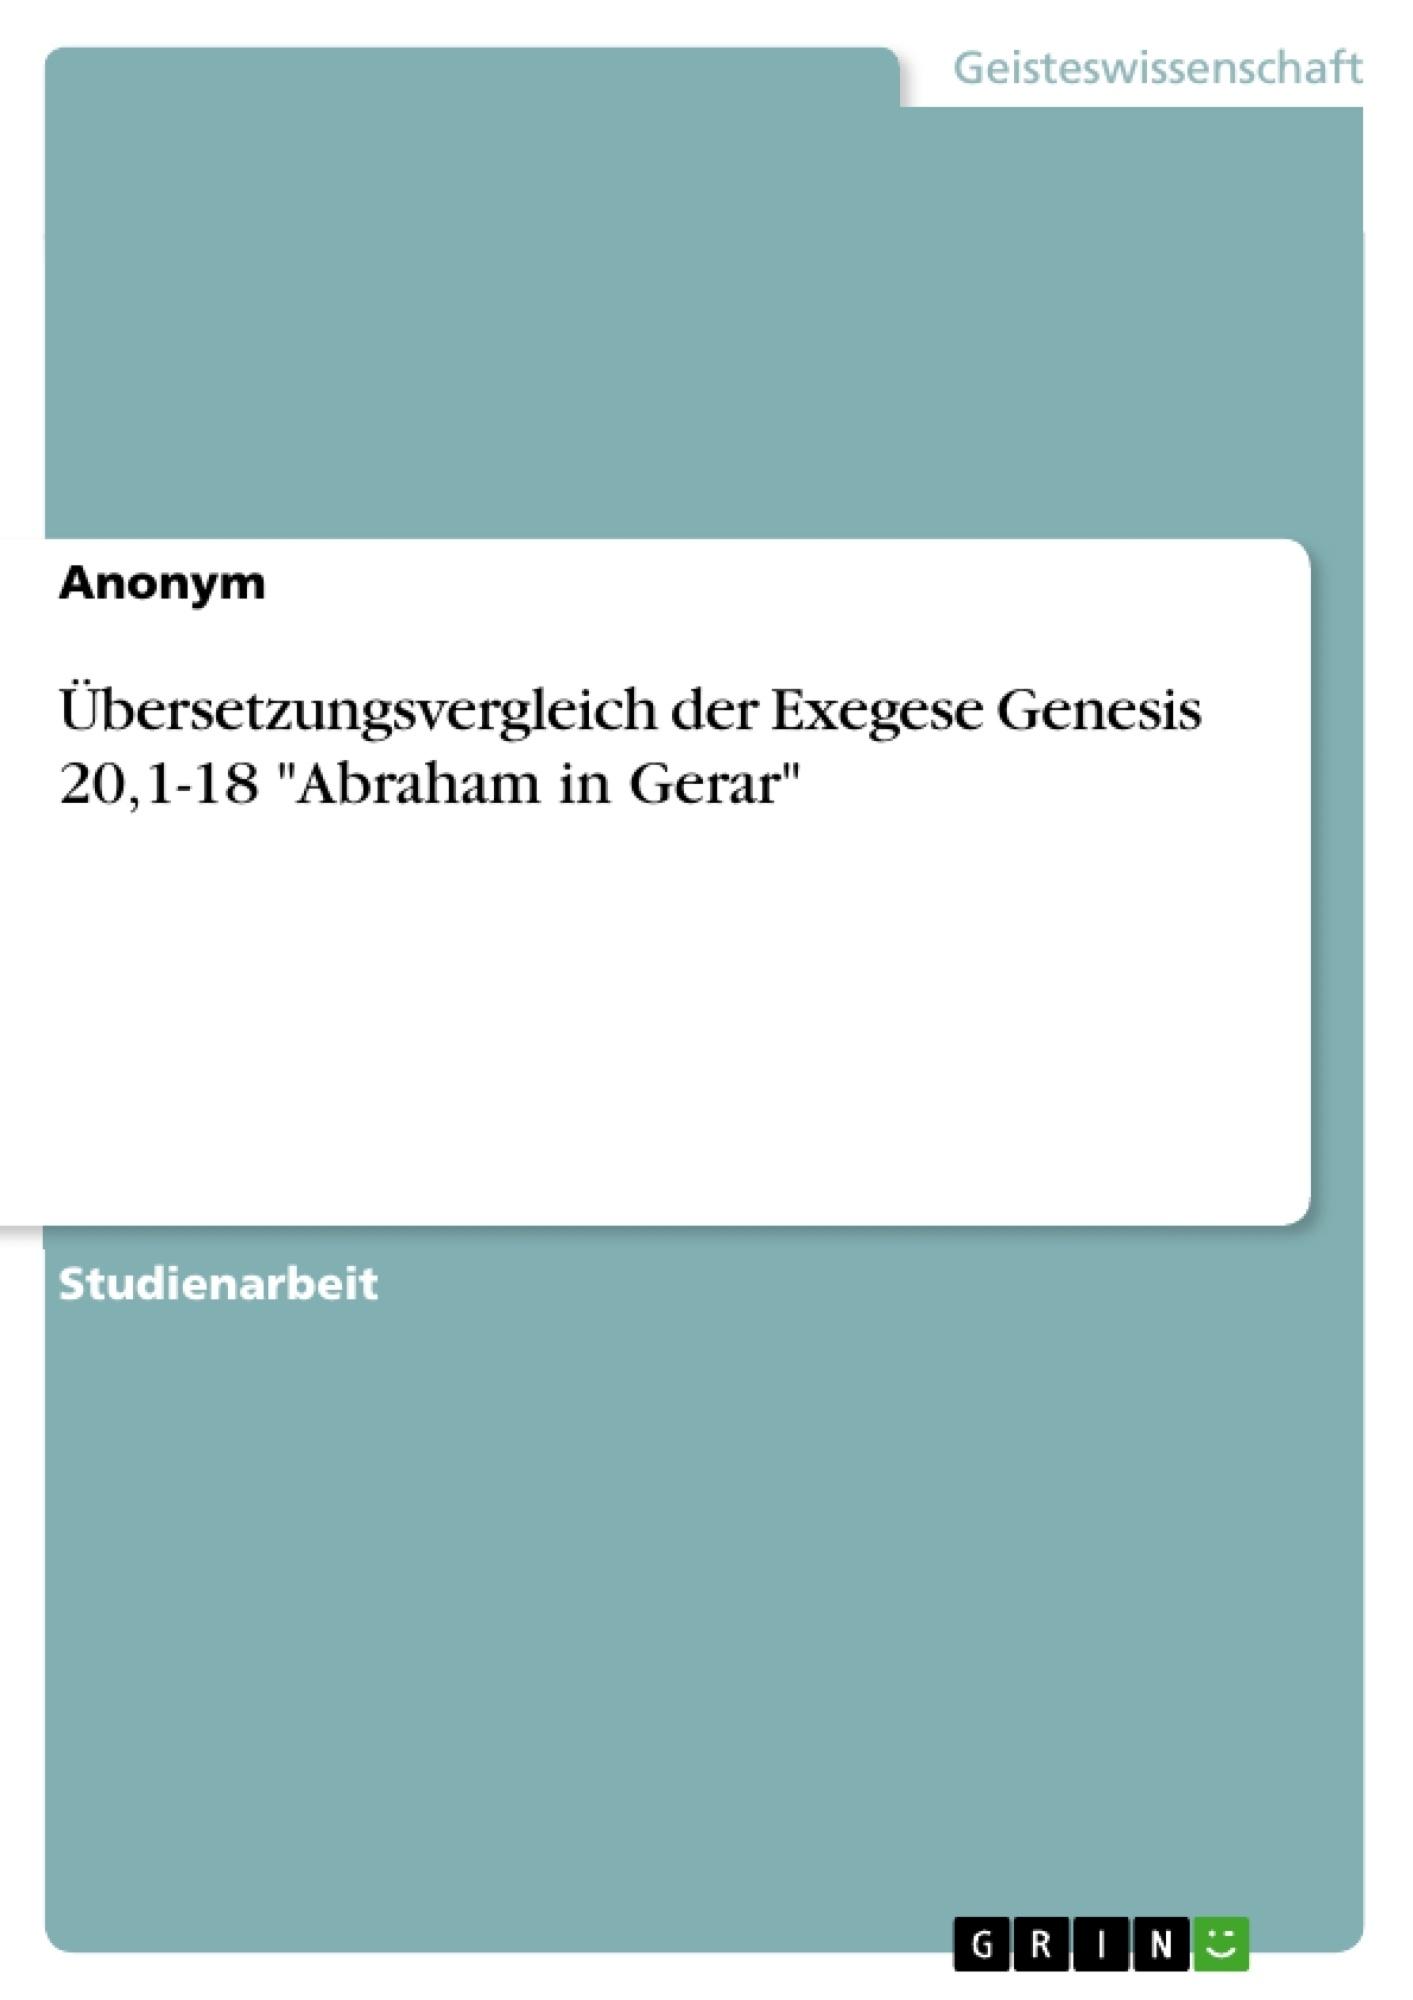 """Titel: Übersetzungsvergleich der Exegese Genesis 20,1-18 """"Abraham in Gerar"""""""